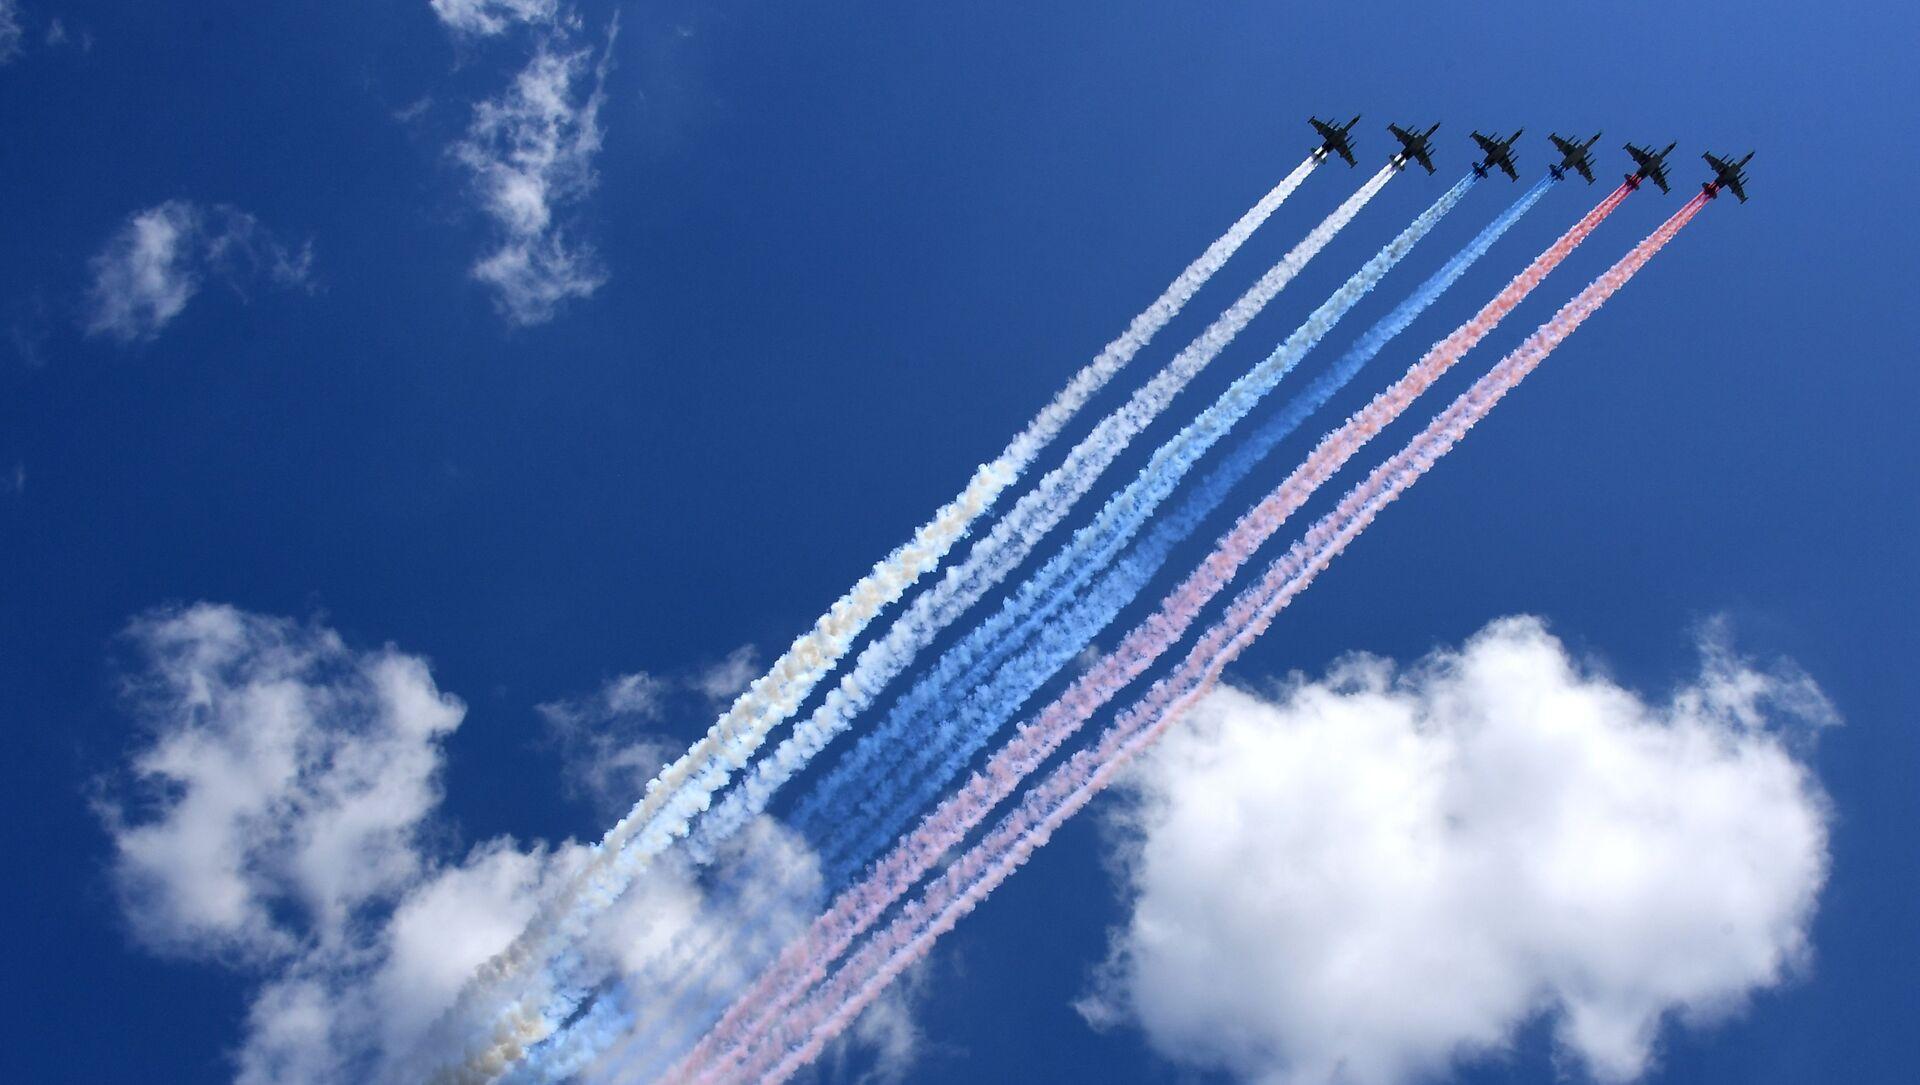 Šest jurišnih lovaca Su-25 iscrtavaju nebo Moskve ruskim trikolorom. - Sputnik Srbija, 1920, 07.05.2021